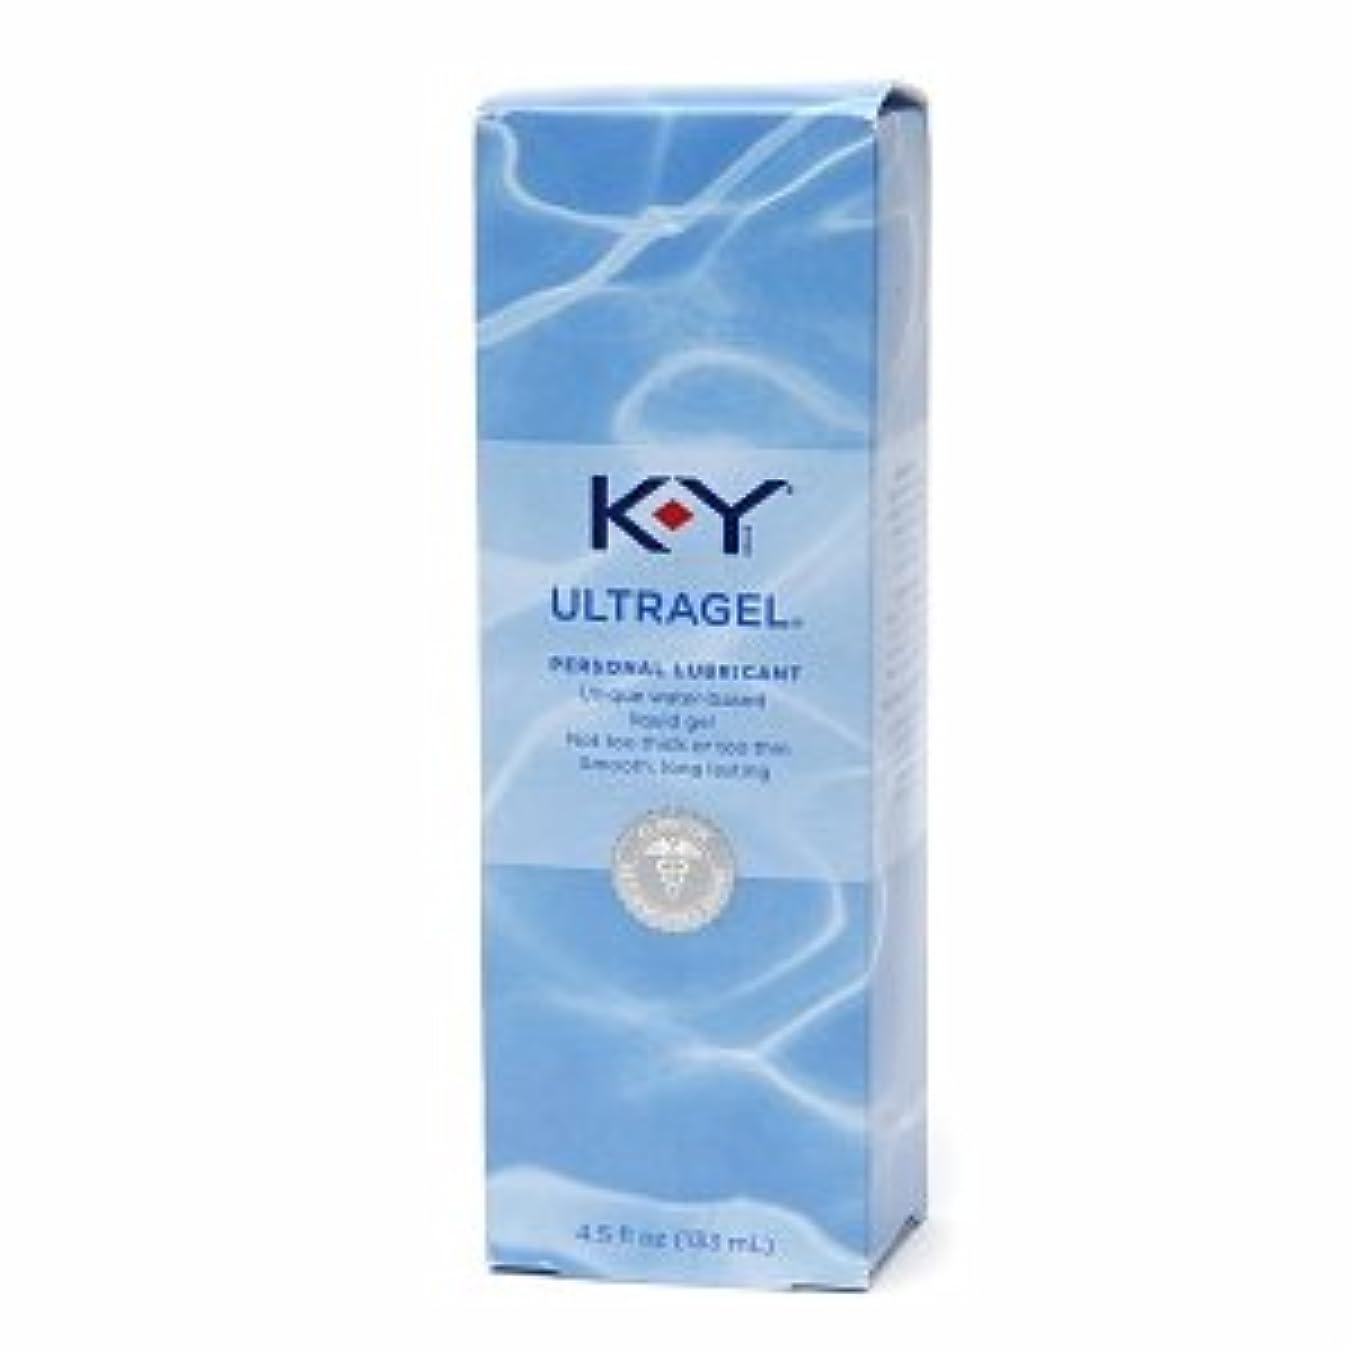 着実に乱暴な電話をかける074 不感症で濡れにくい方へ【高級潤滑剤 KYゼリー】 水溶性の潤滑ジェル42g 海外直送品